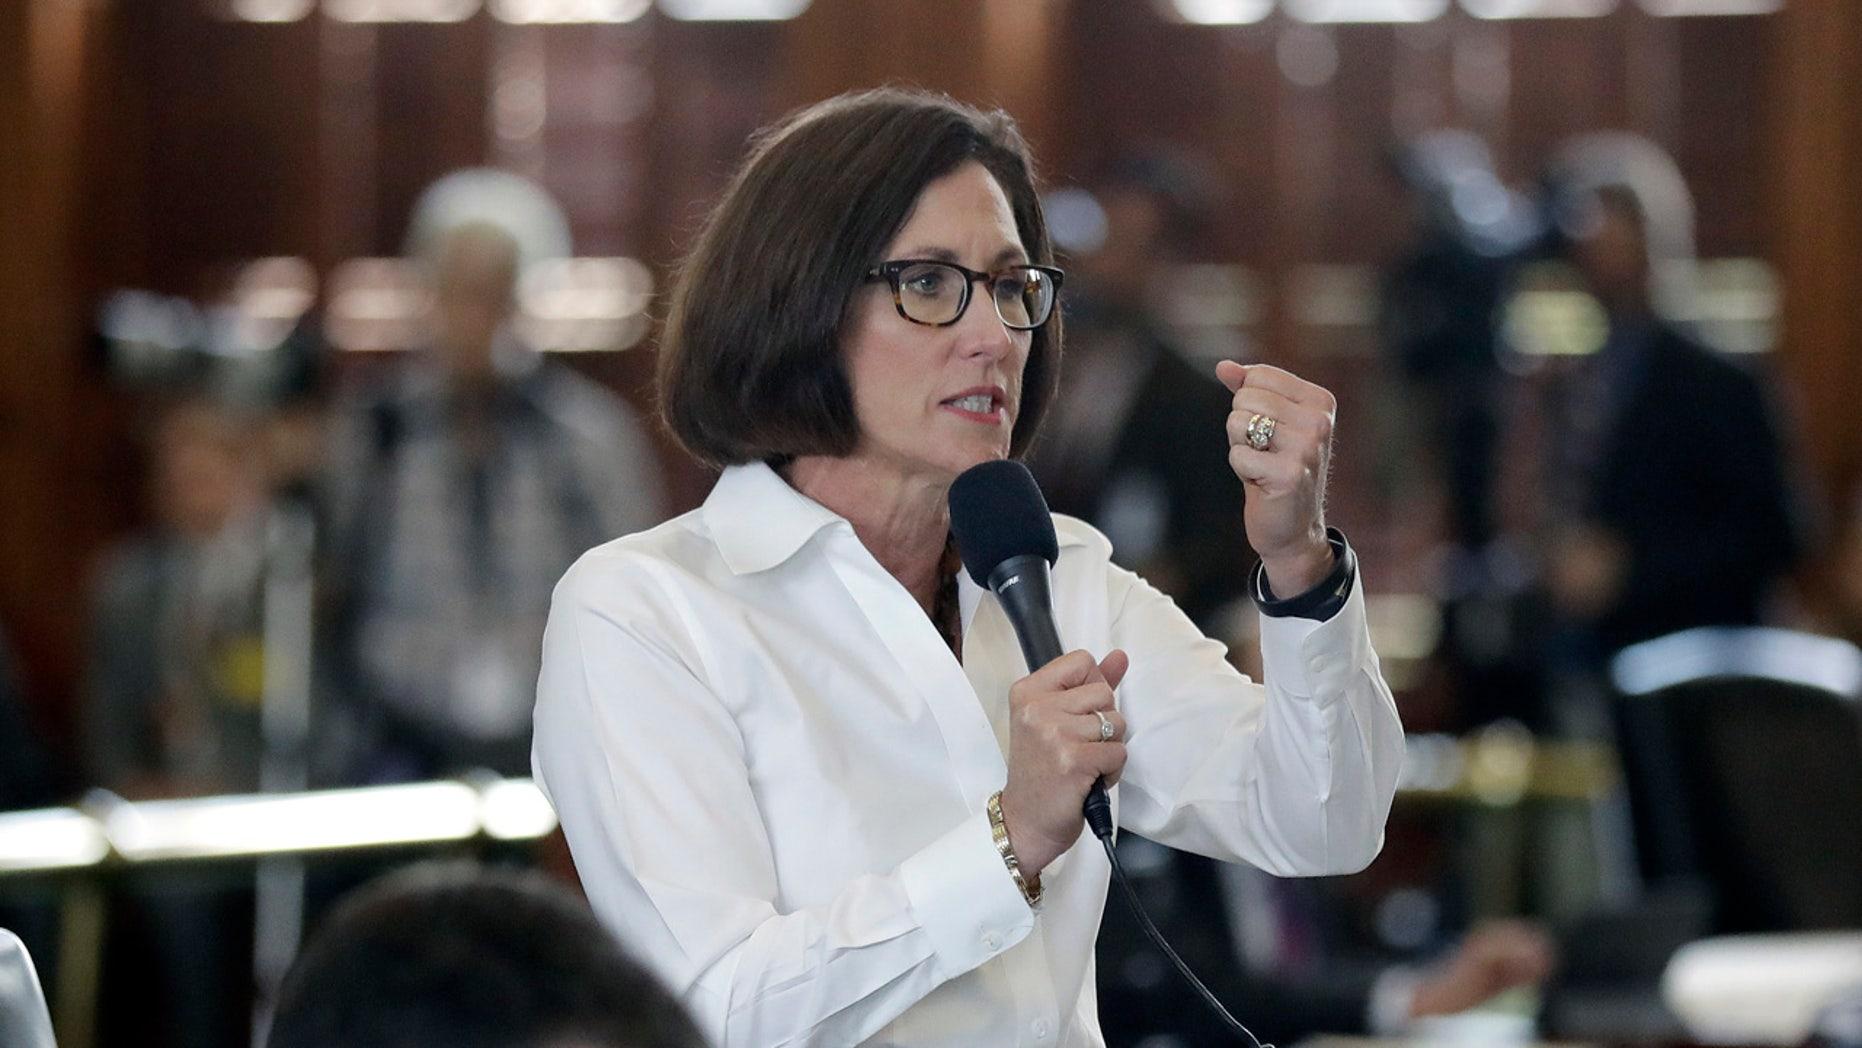 """State Sen. Lois Kolkhorst, R-Brenham, speaks during debate over a """"bathroom bill"""" in the Senate chamber, Tuesday, July 25, 2017, in Austin, Texas"""